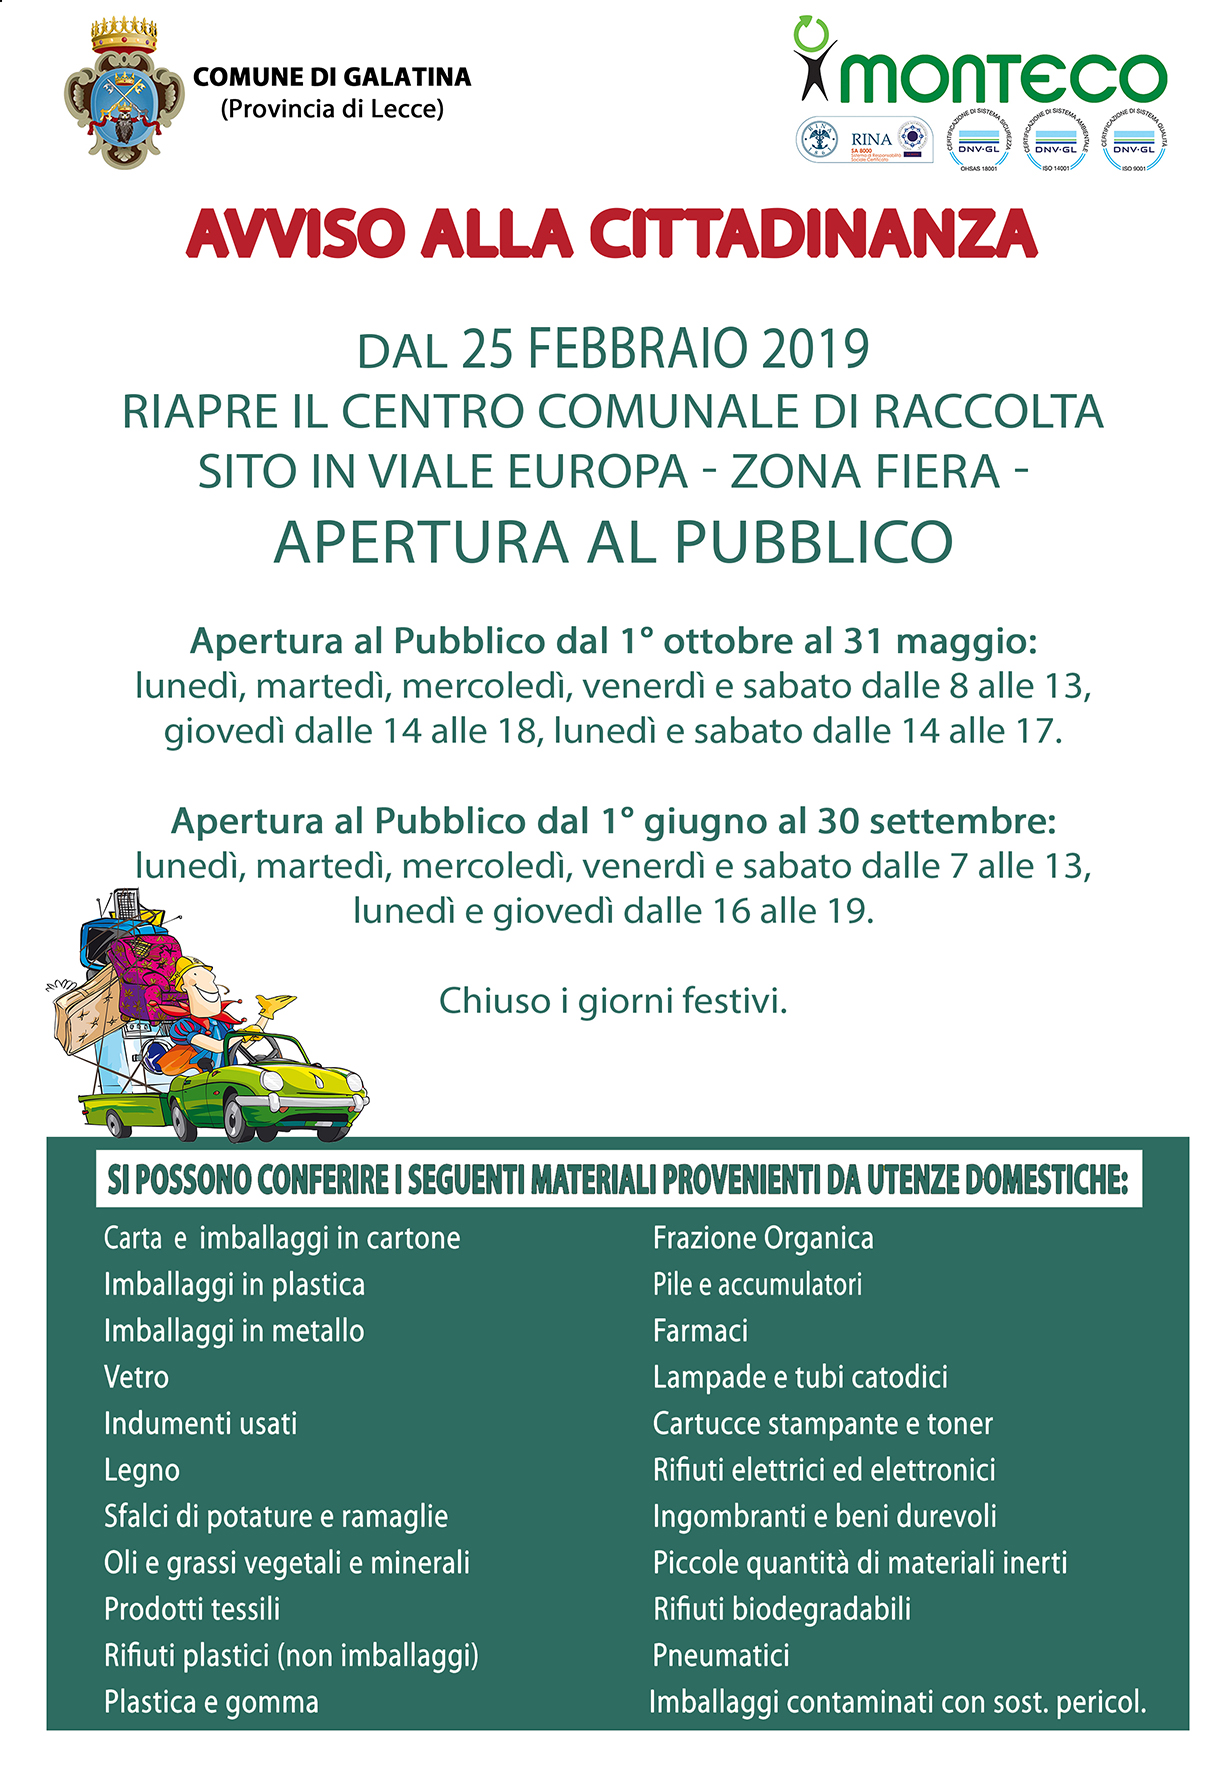 Monteco Calendario Galatina 2021 Galatina. Riapre il Centro Comunale di Raccolta | Monteco Srl .it